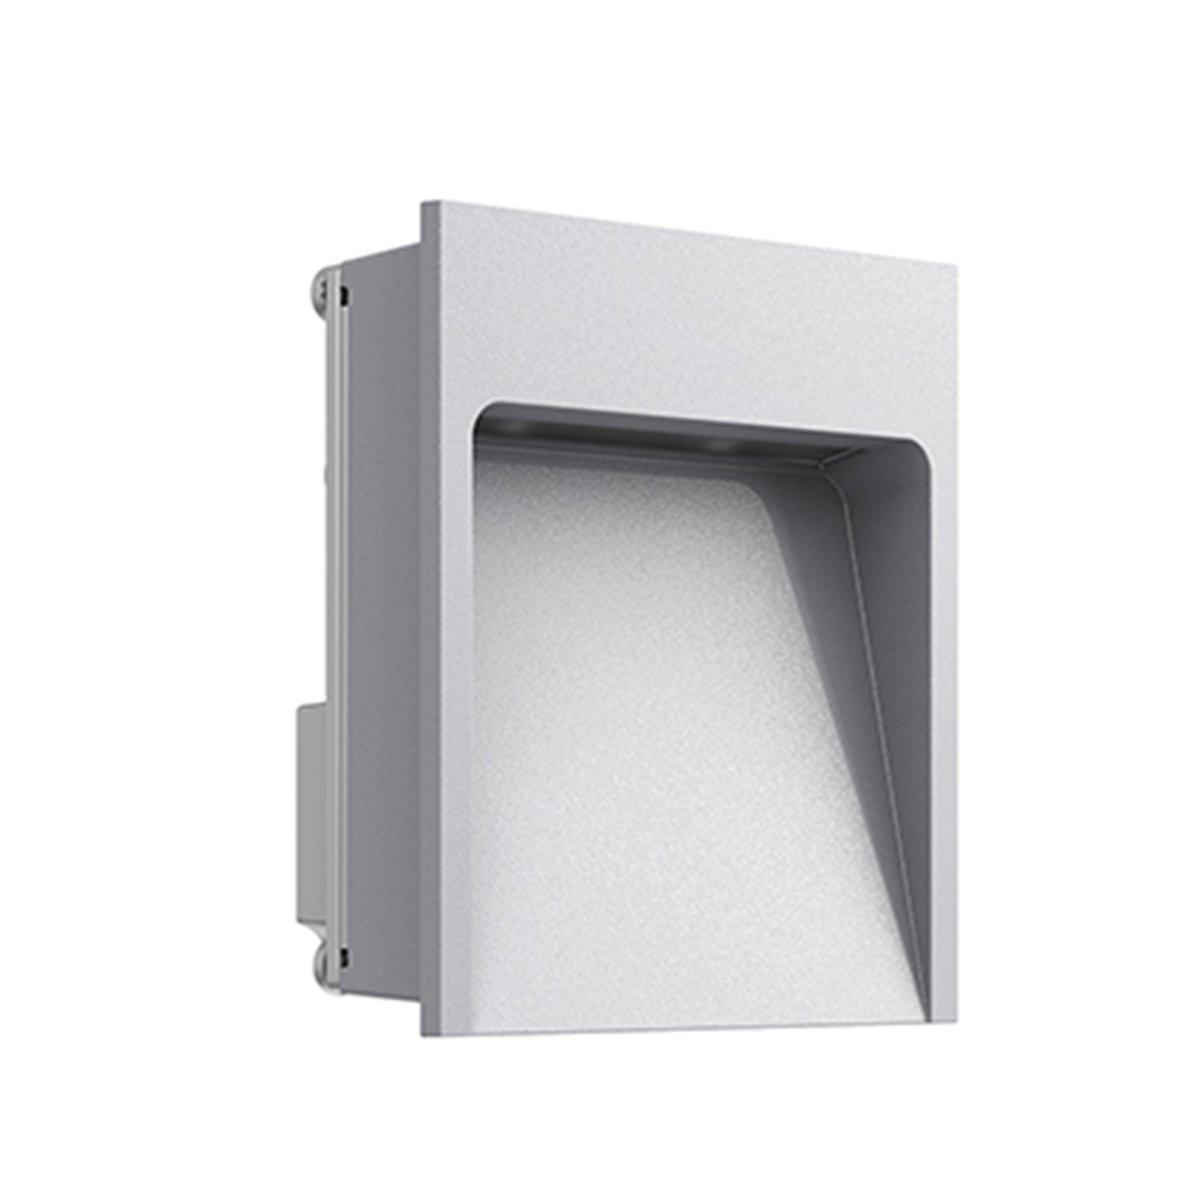 FLOS My Way Outdoor Wandlamp 110x100 Grijs - 4000K